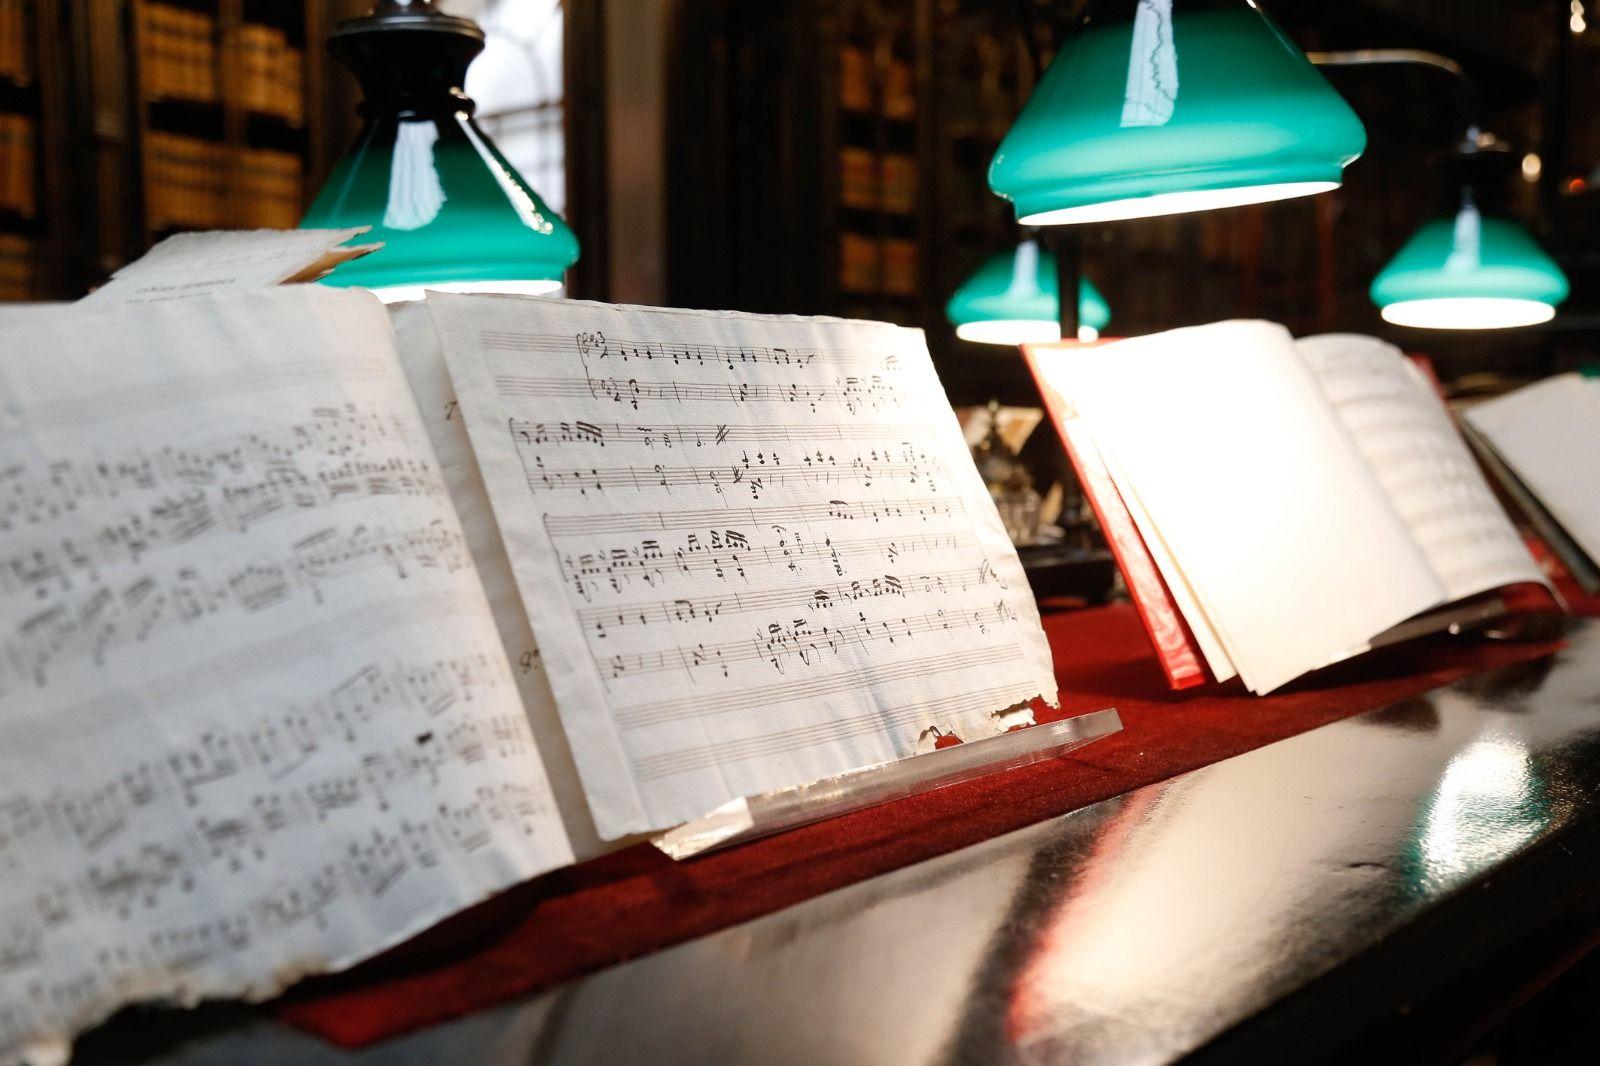 Las partituras interpretadas.